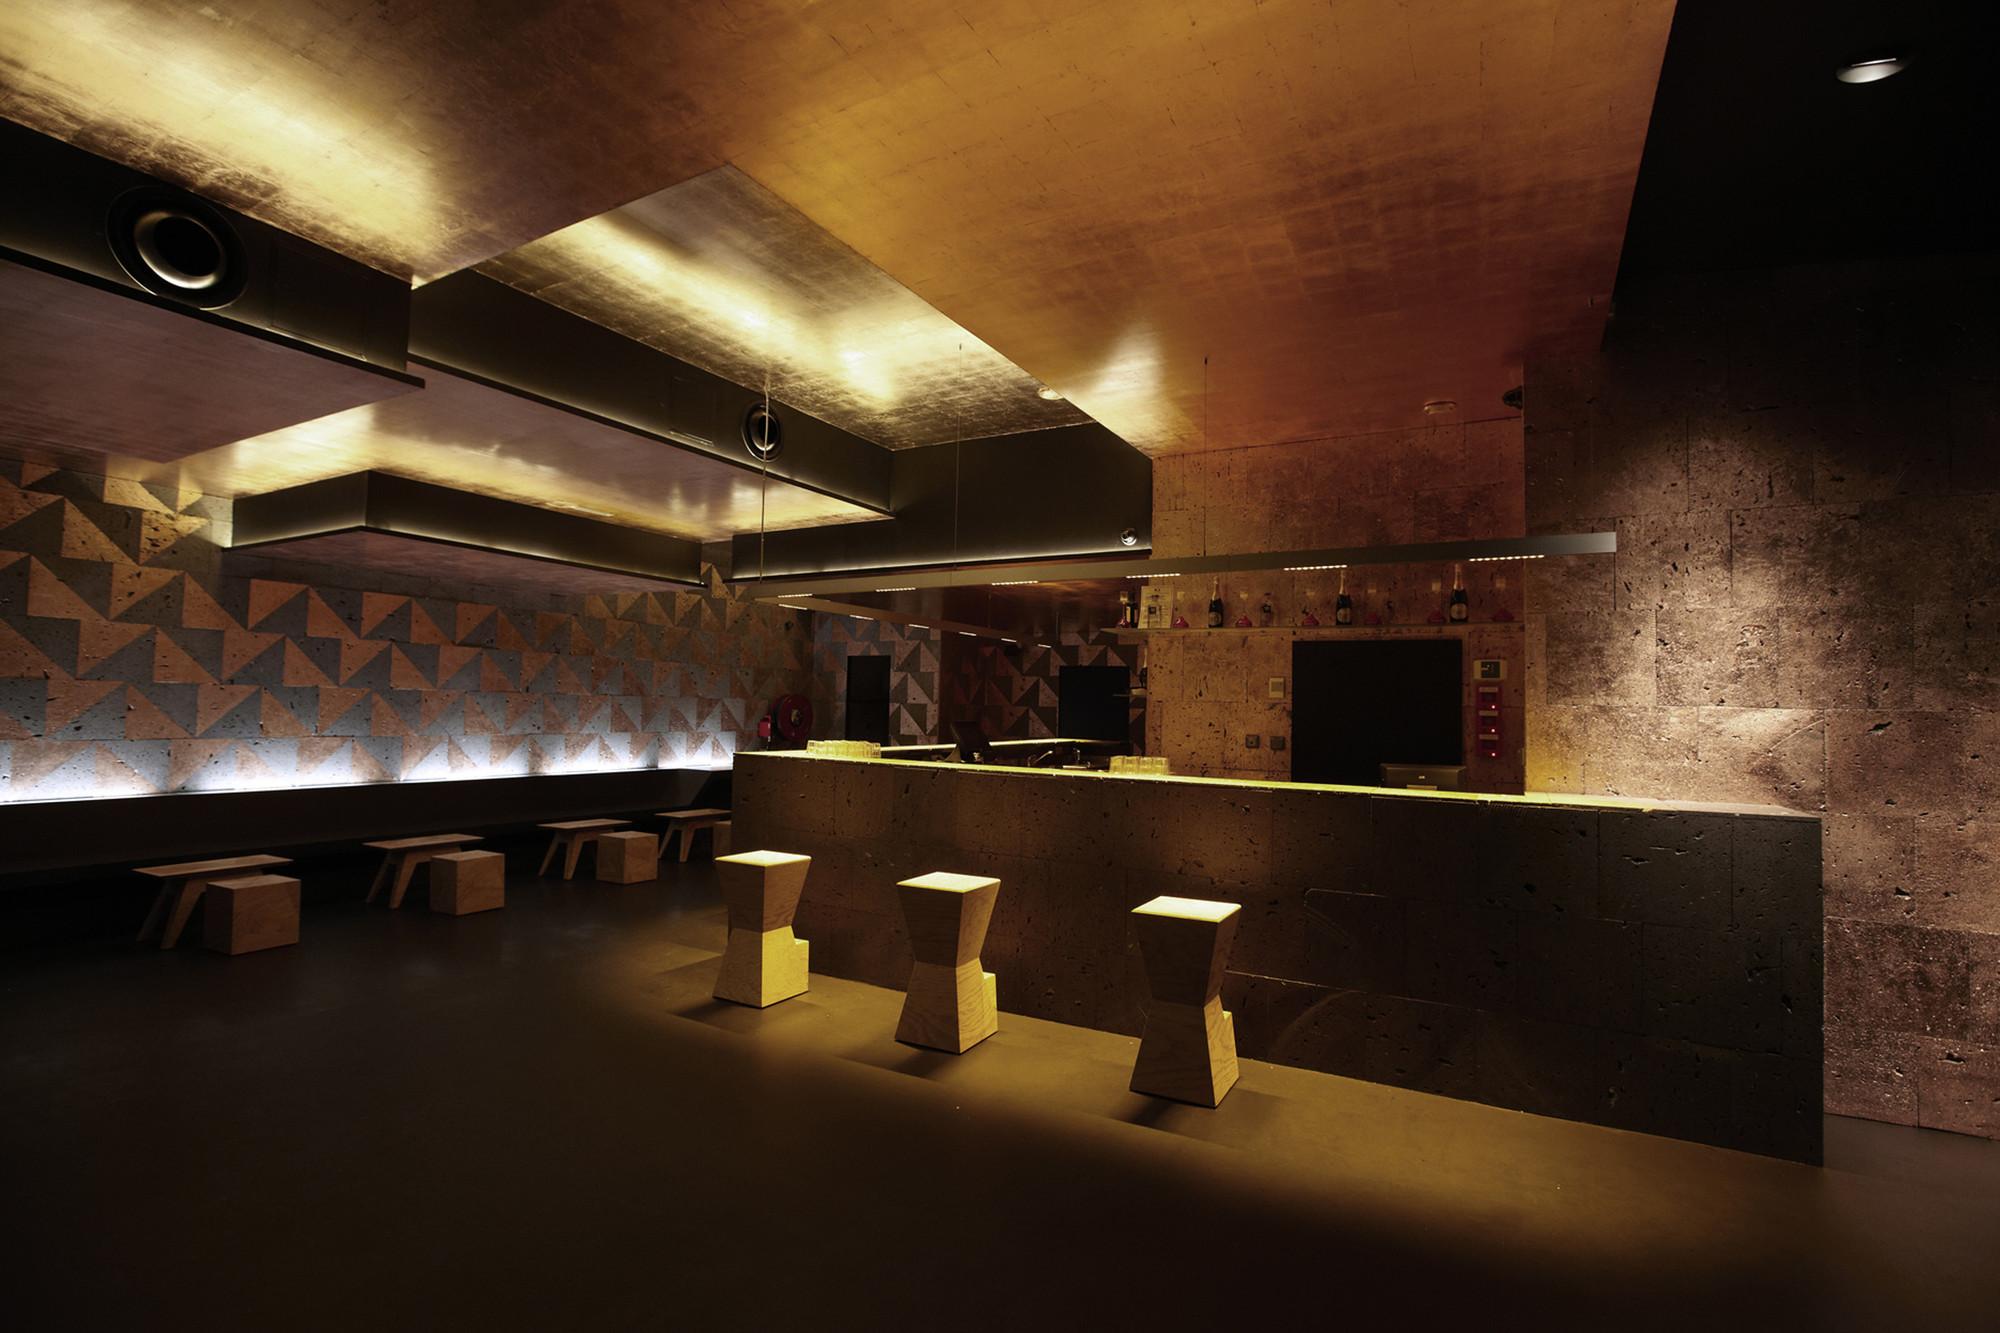 NÜBA Restaurant - Club  / Emmanuel Picault  + Ludwig Godefroy  + Nicolas Sisto , Courtesy of Nicolas Sisto